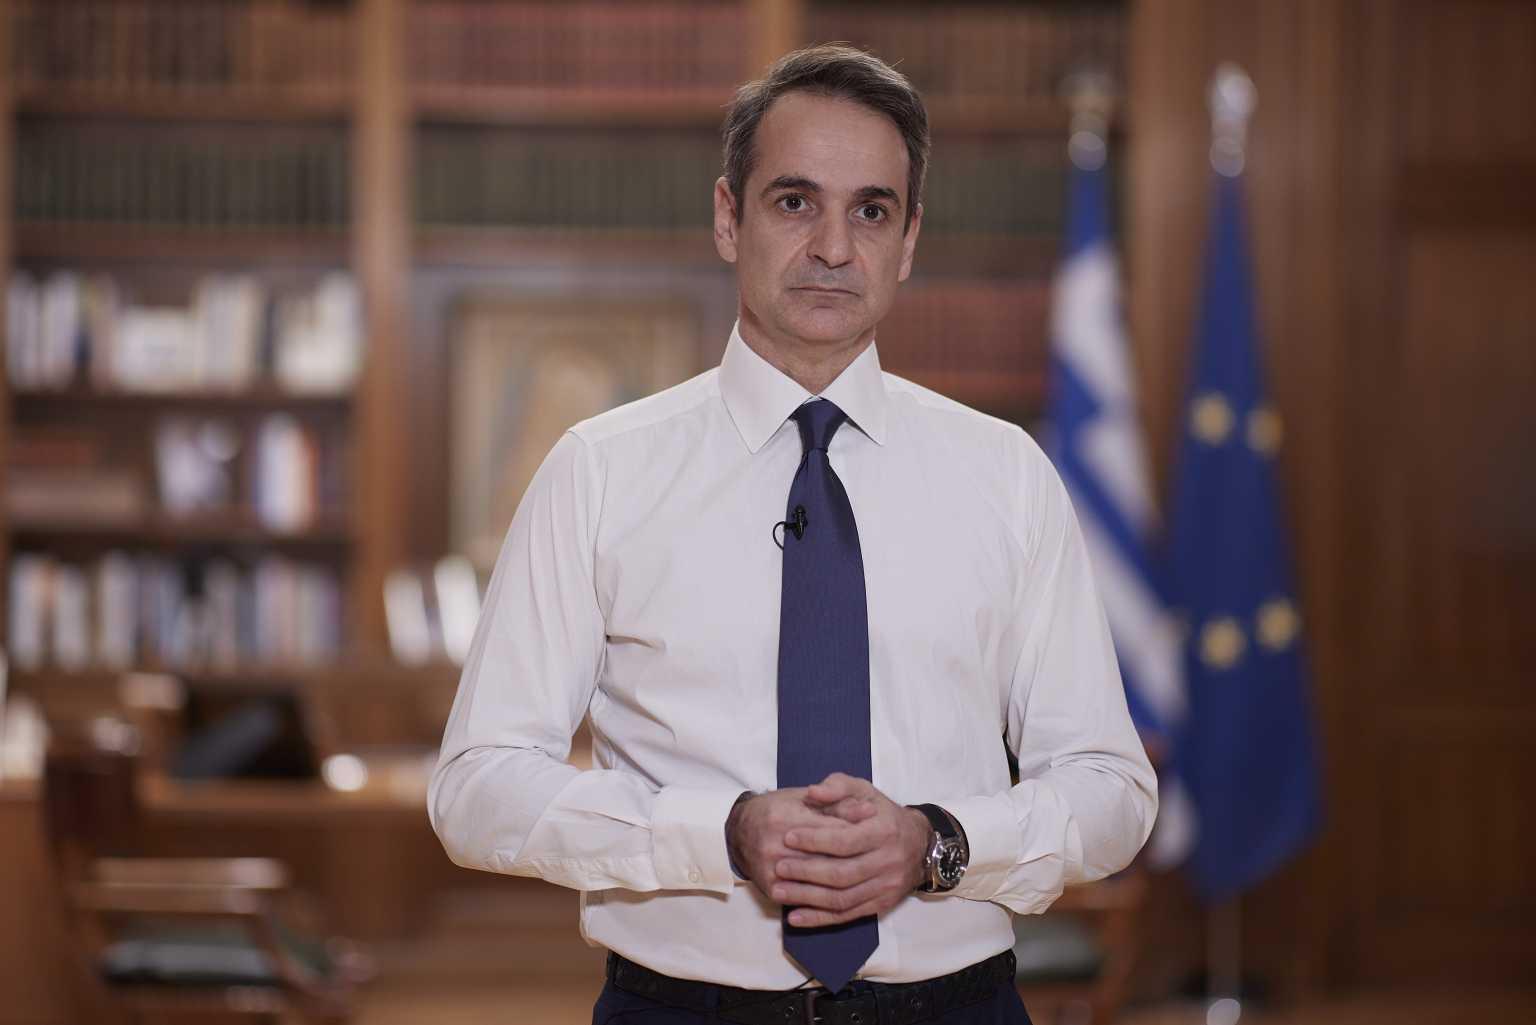 """Μητσοτάκης: """"Στα μαυρισμένα πρόσωπα βλέπω την Ελλάδα που αντιστέκεται"""" (ΒΙΝΤΕΟ)"""